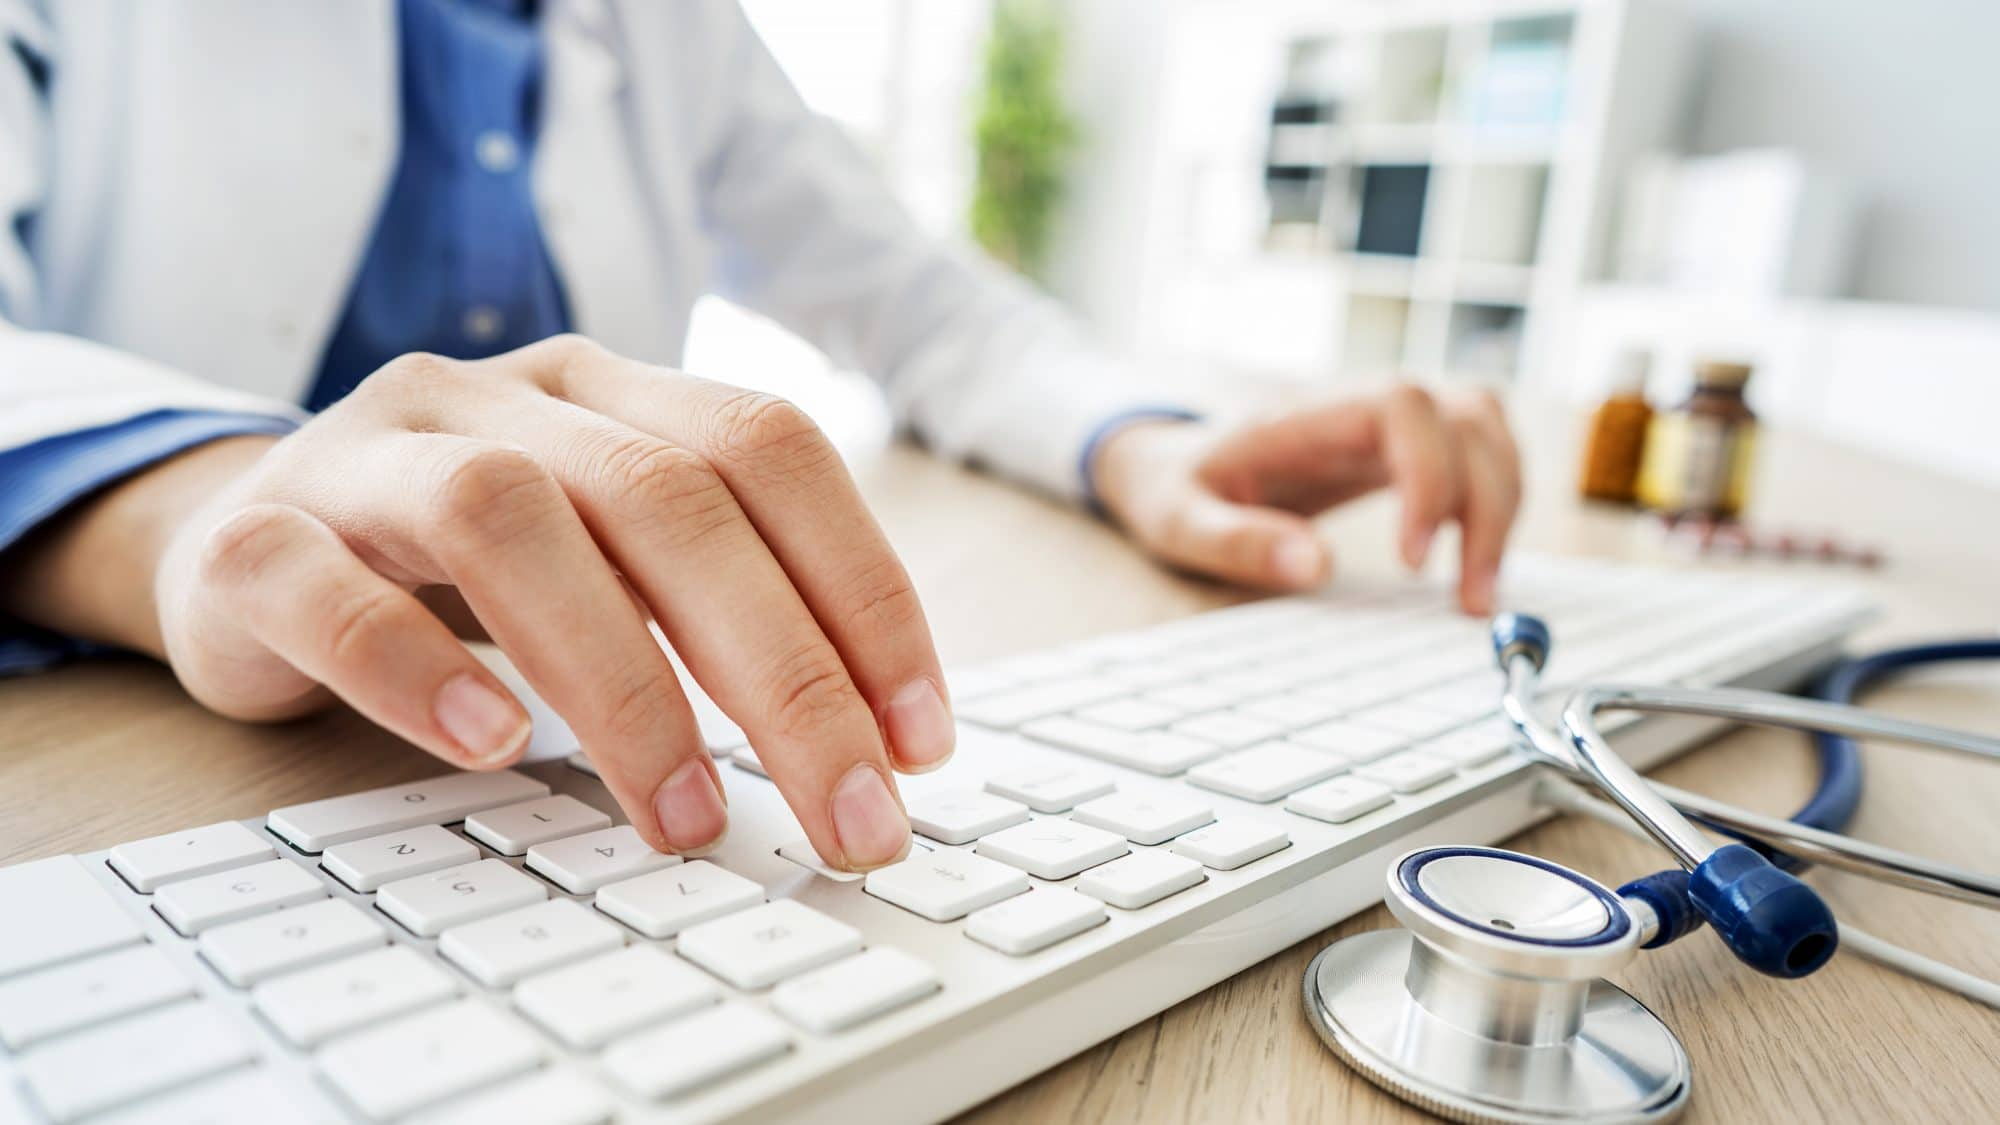 Telemedicine Providers